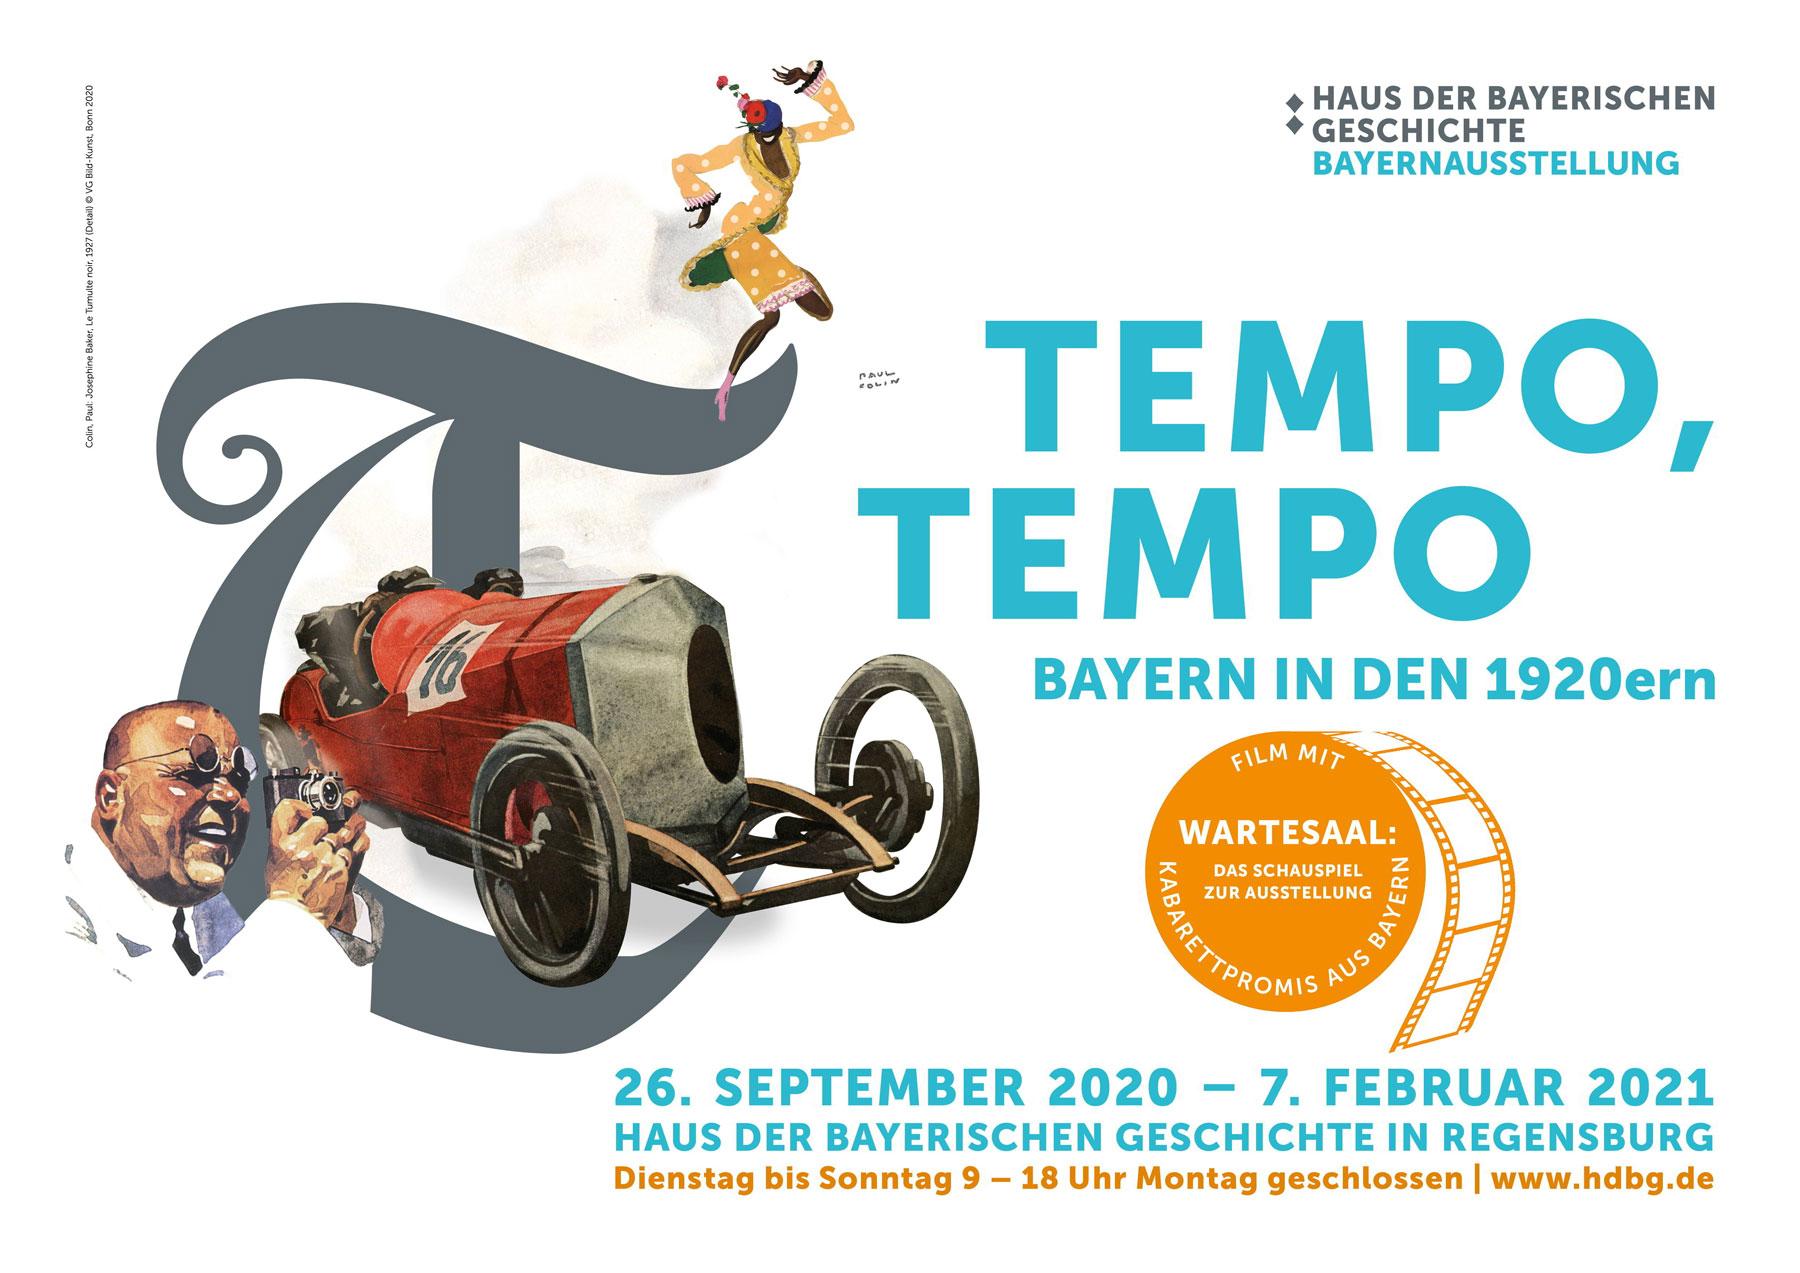 """""""Tempo, Tempo – Bayern in den 1920ern"""" - das ist die Bayernausstellung 2020 im Museum der Bayerischen Geschichte in Regensburg vom  26. September 2020 bis 07. Februar 2021"""